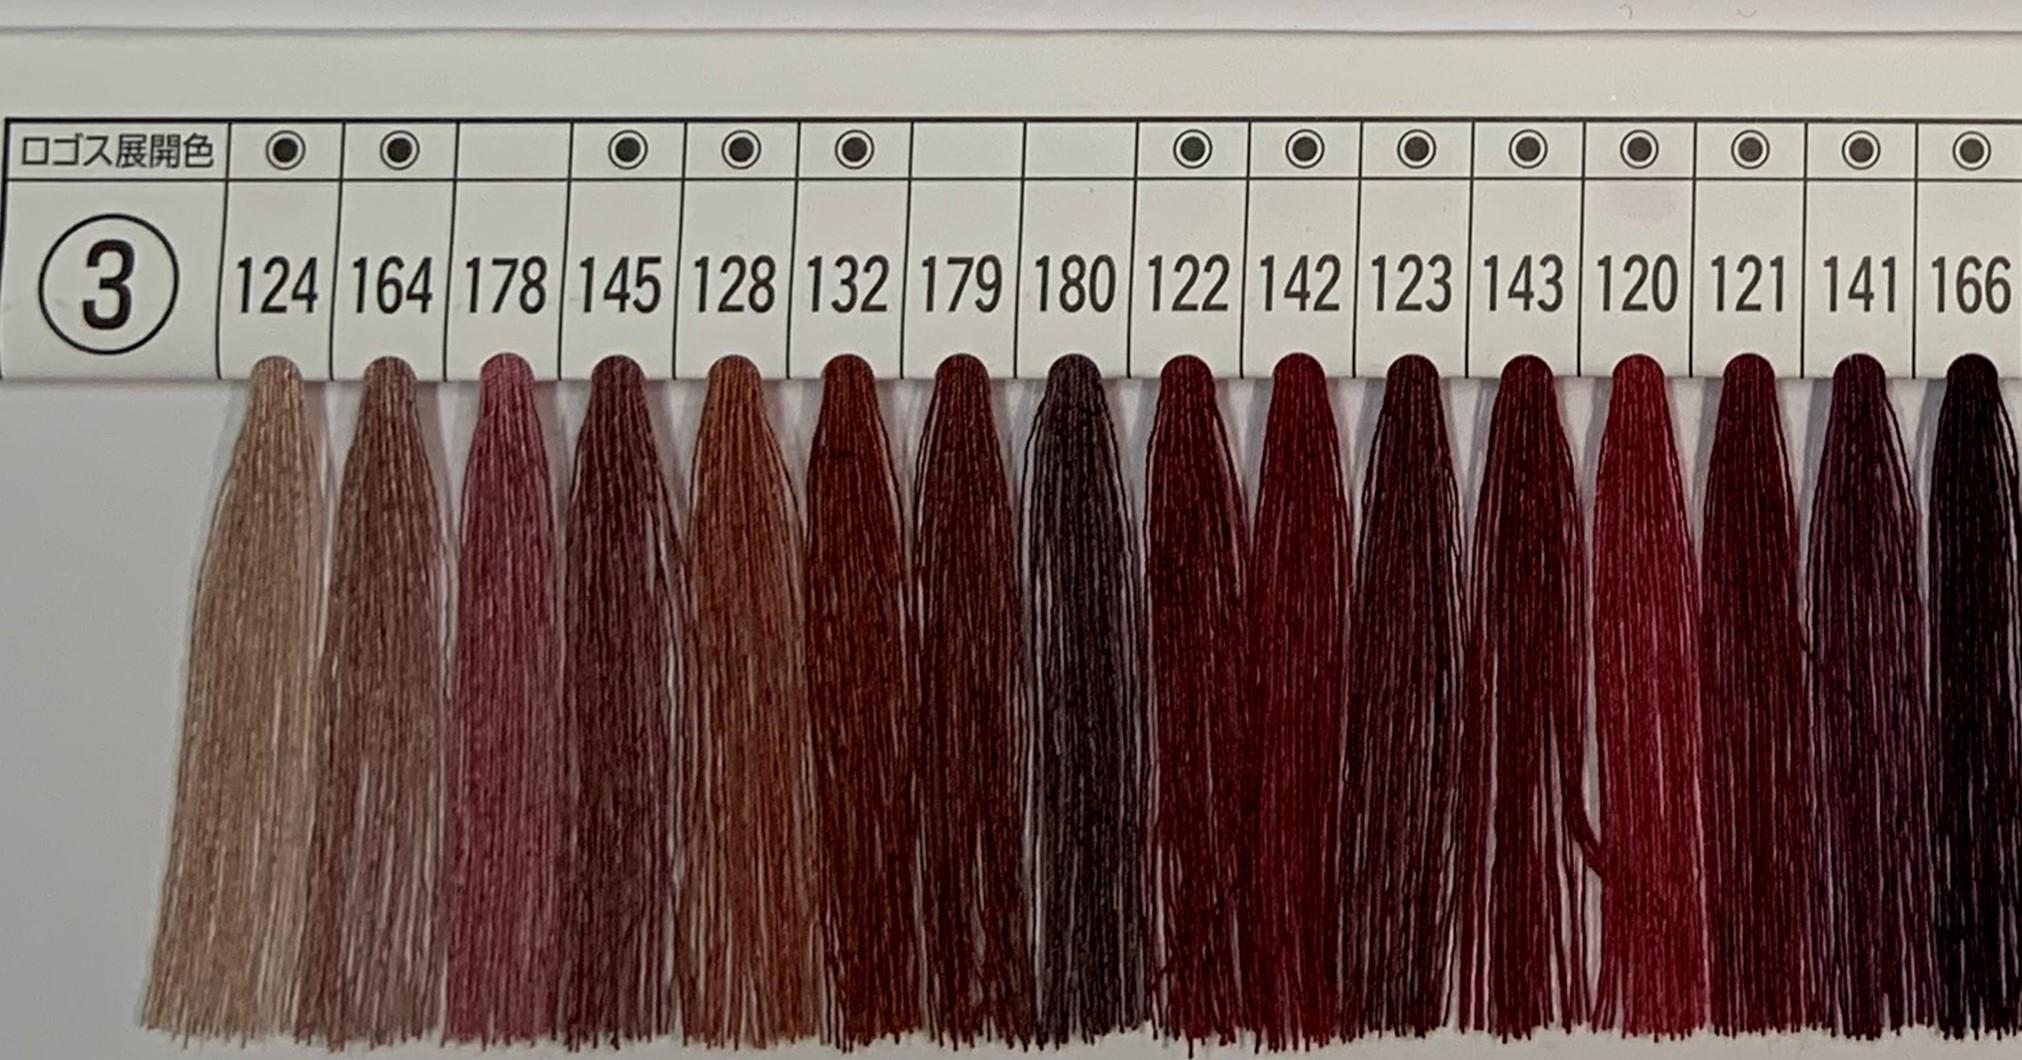 お買い得品 オンラインショッピング ダイヤフェザースパン20 2000m赤系色見本3